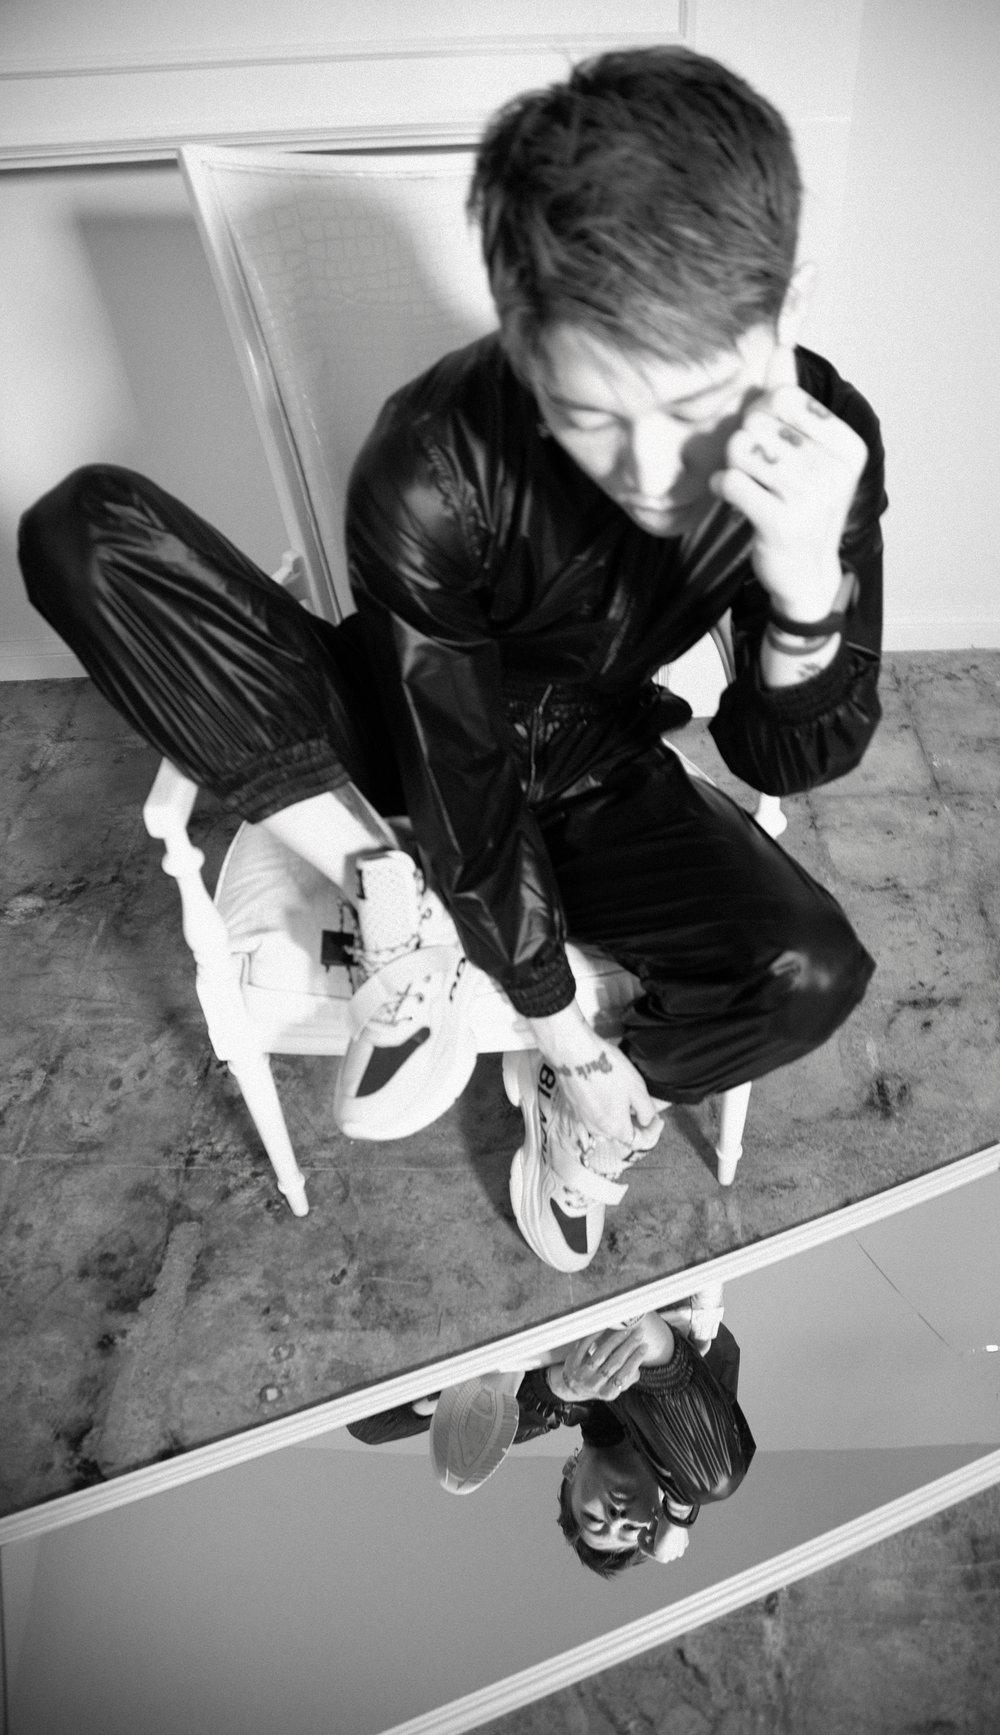 LA ROXX     jumpsuit and     BRANDBLACK     shoes.